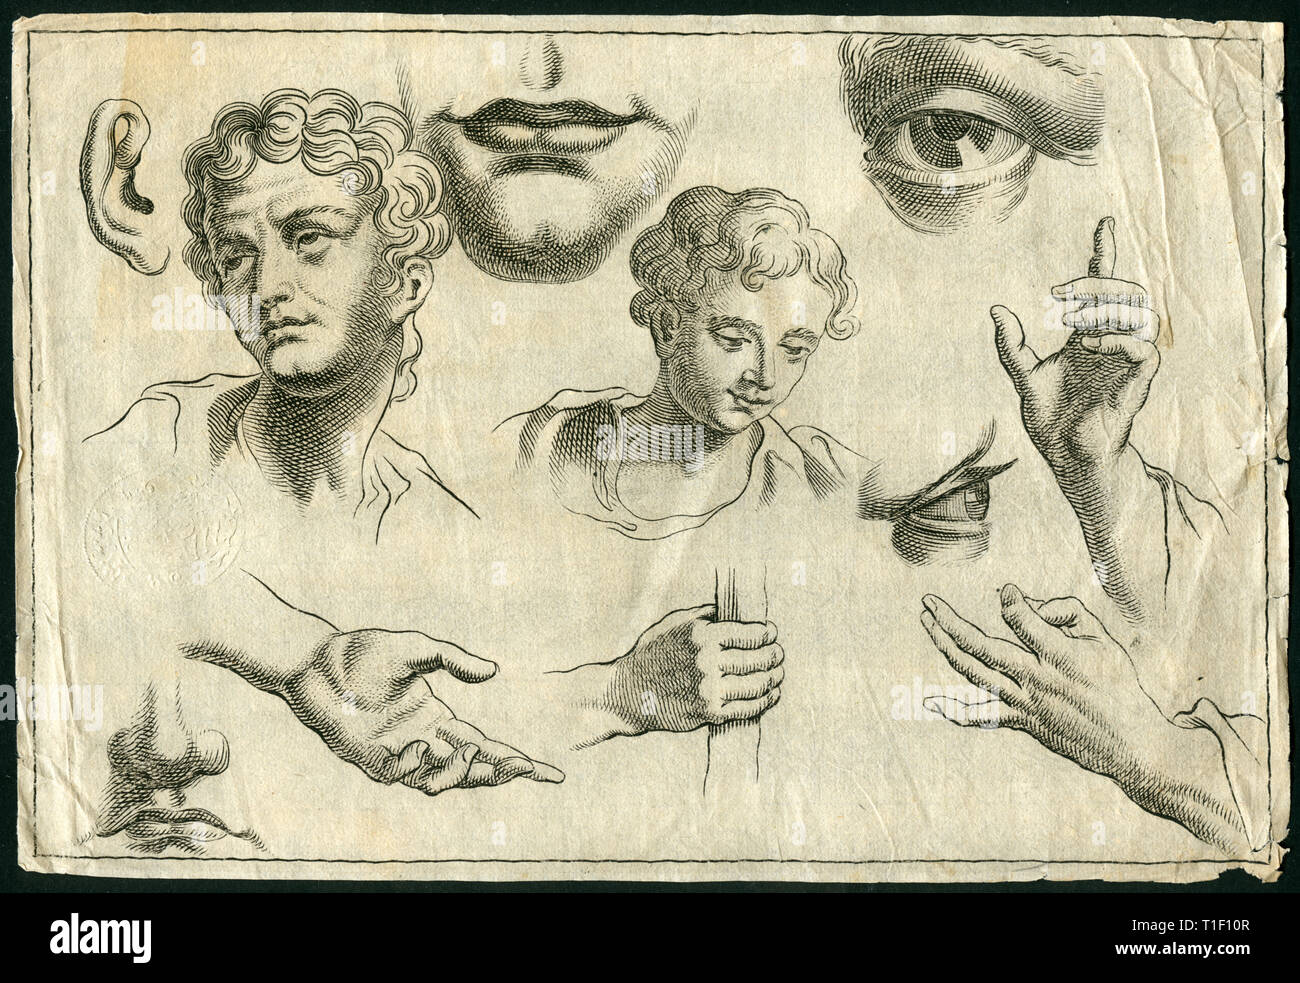 Disegno storico di parti del corpo, testa, occhio, bocca, mento e la mano, incisione su rame da circa 1700., artista del diritto d'autore non deve essere cancellata Immagini Stock